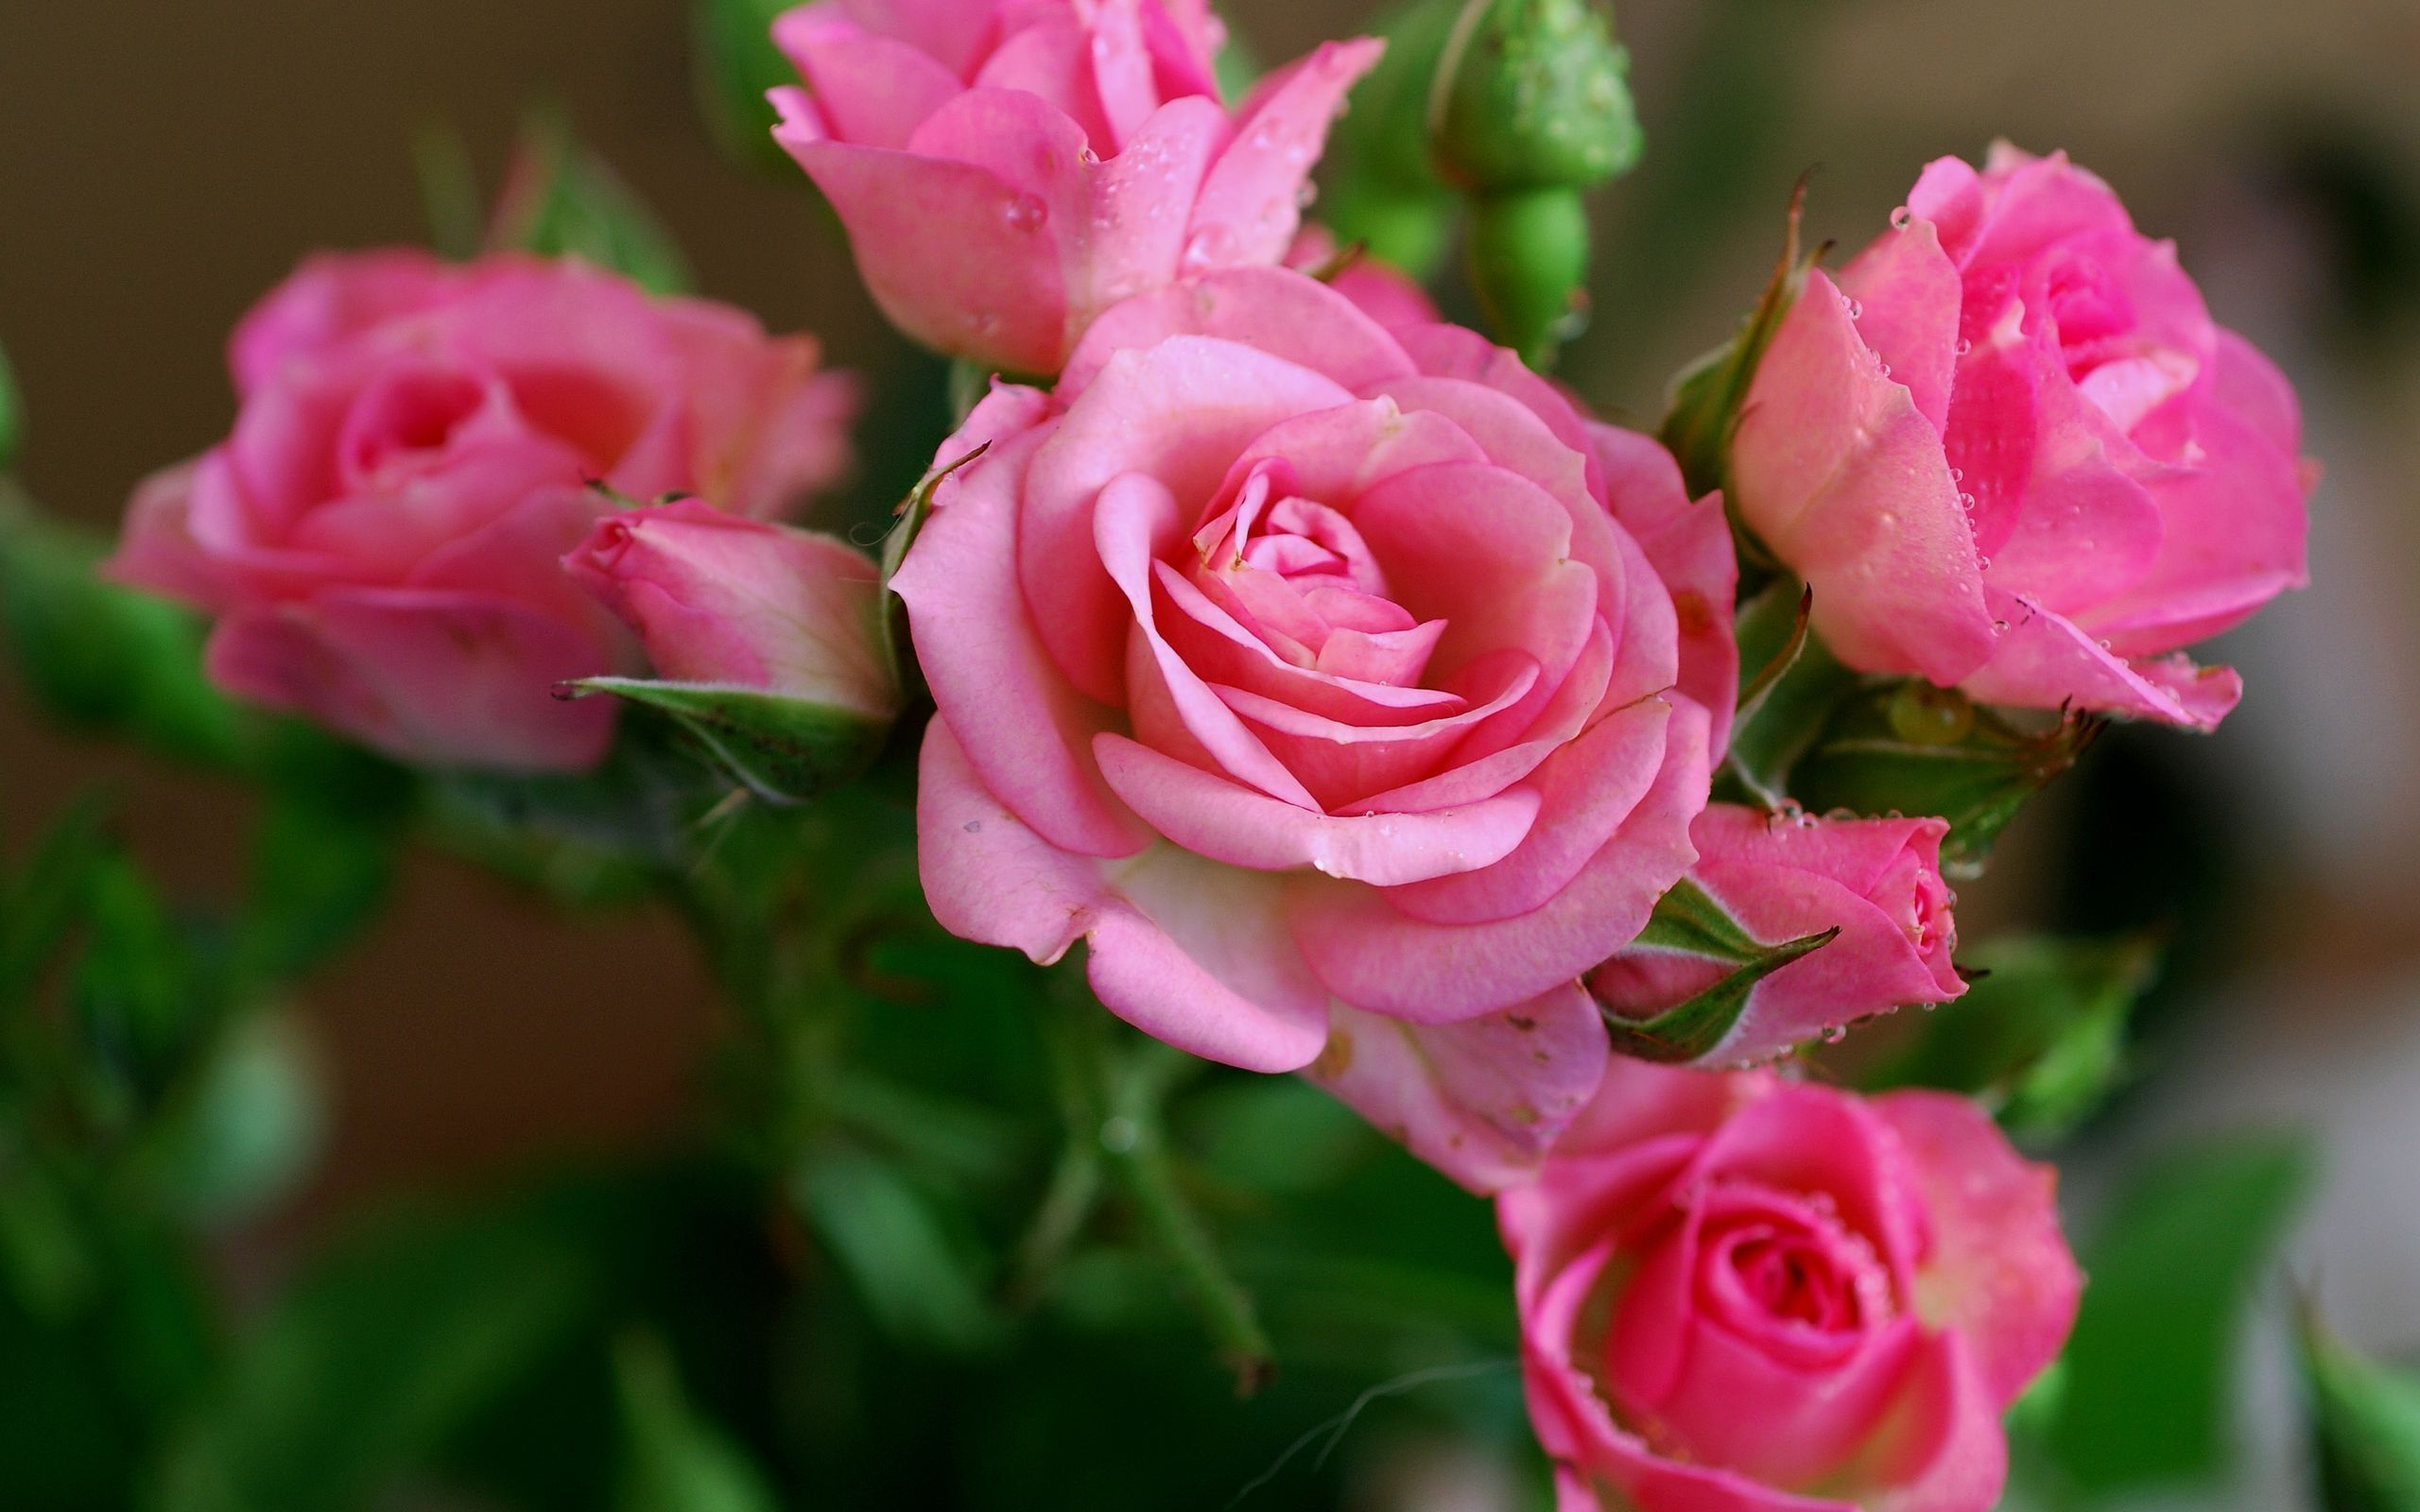 Flower Pictures Wallpaper Free Download Dengan Gambar Bunga